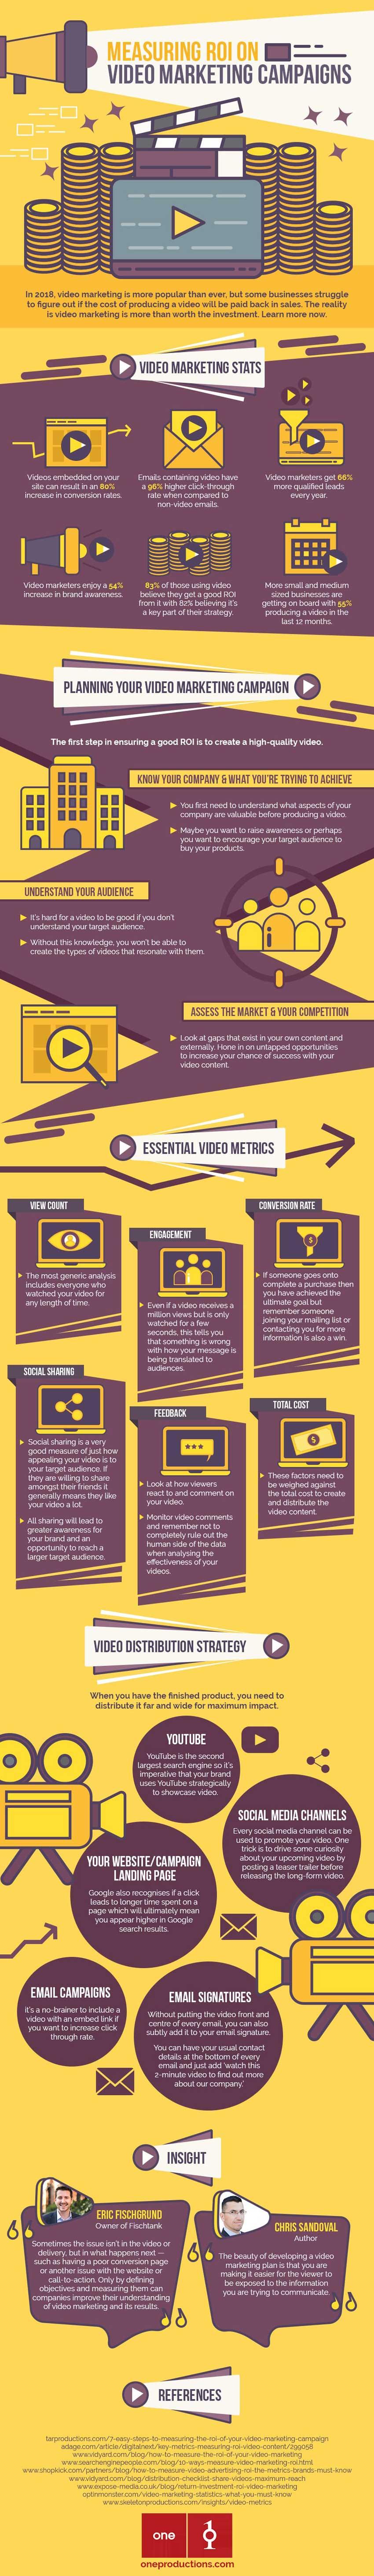 Planificar campaña de video marketing